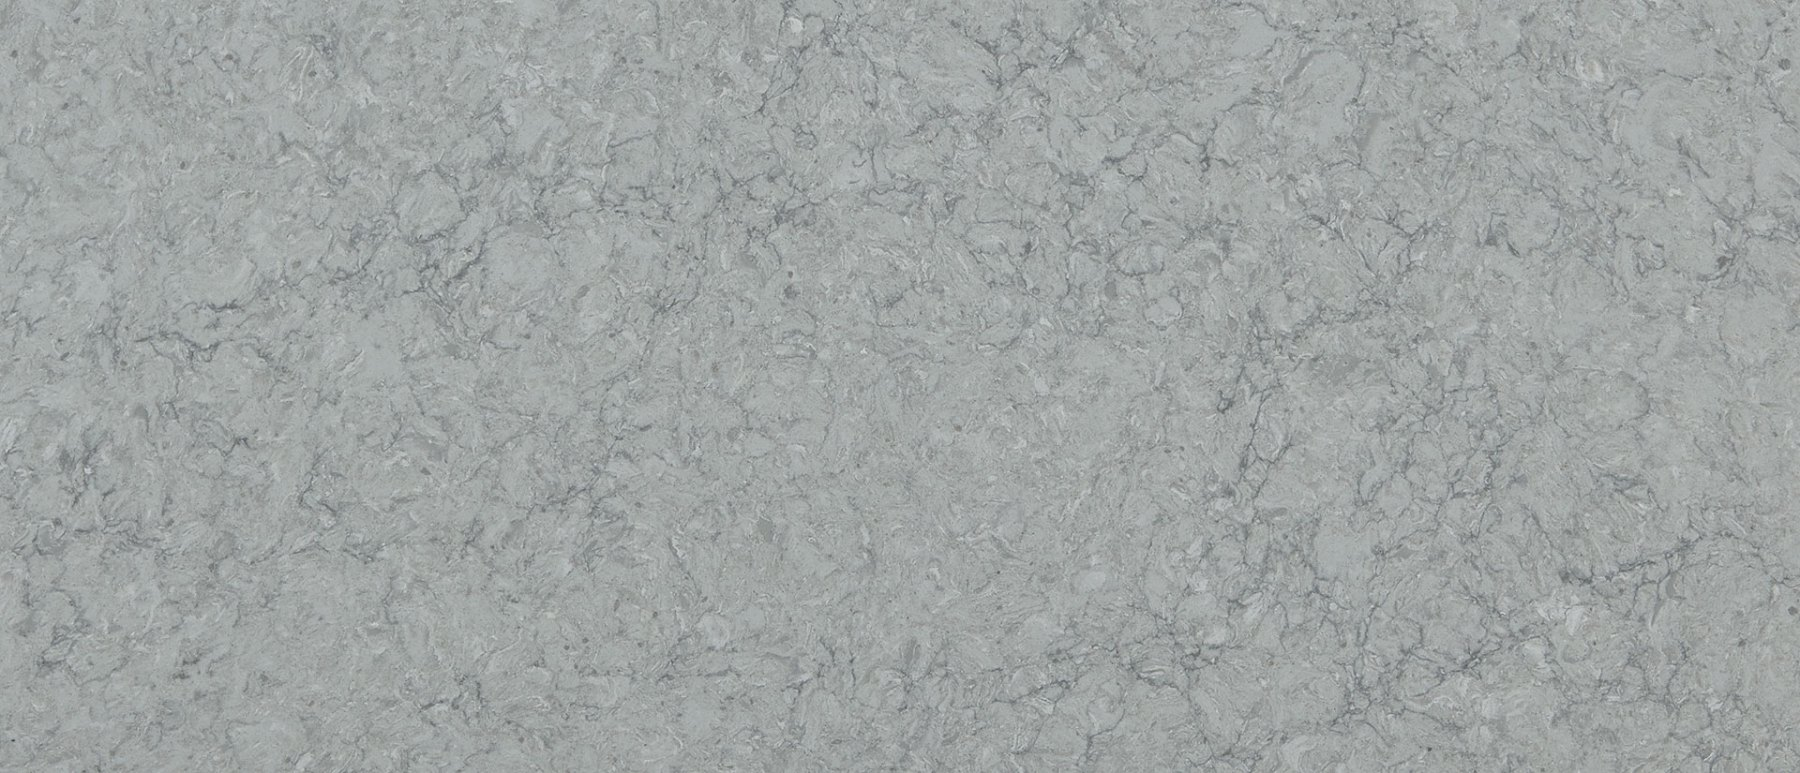 galant-gray-quartz-1